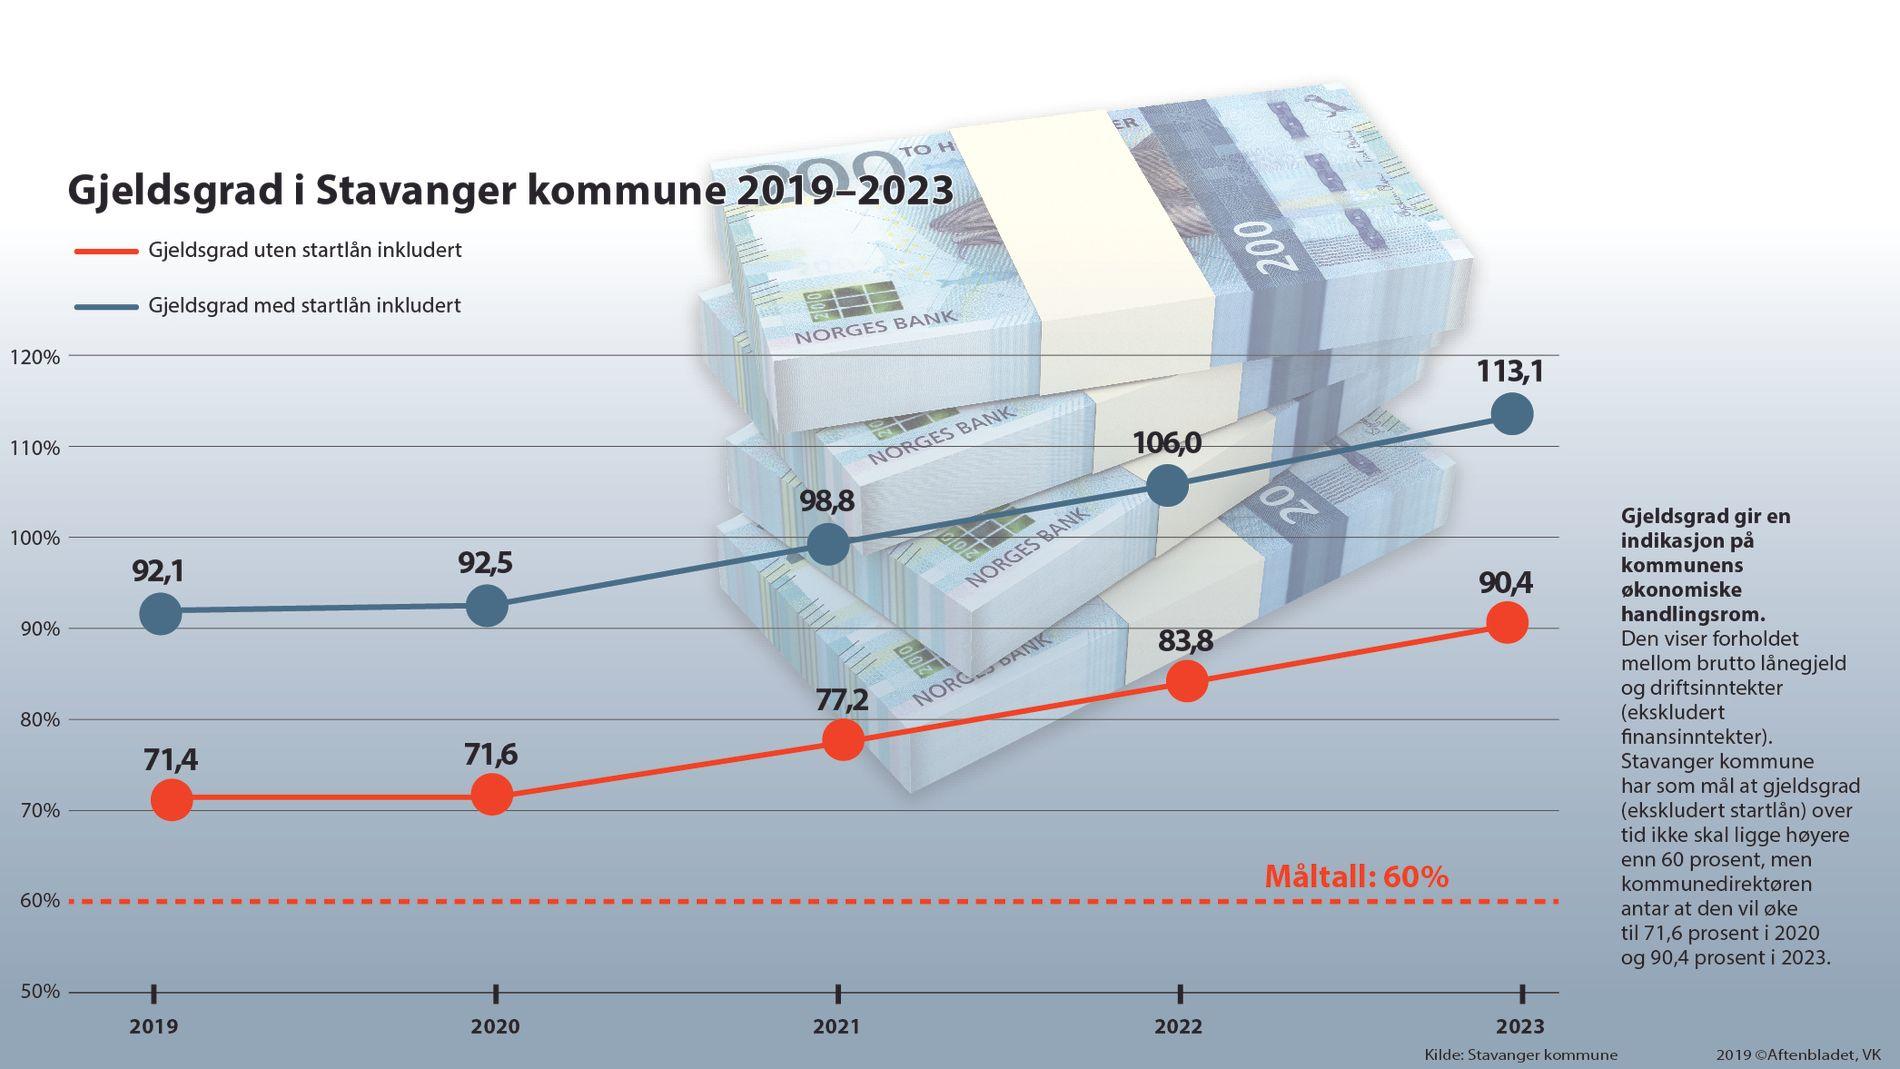 Hva Nar Stavanger Kommunes Gjeld Blir Politisk Uhandterlig